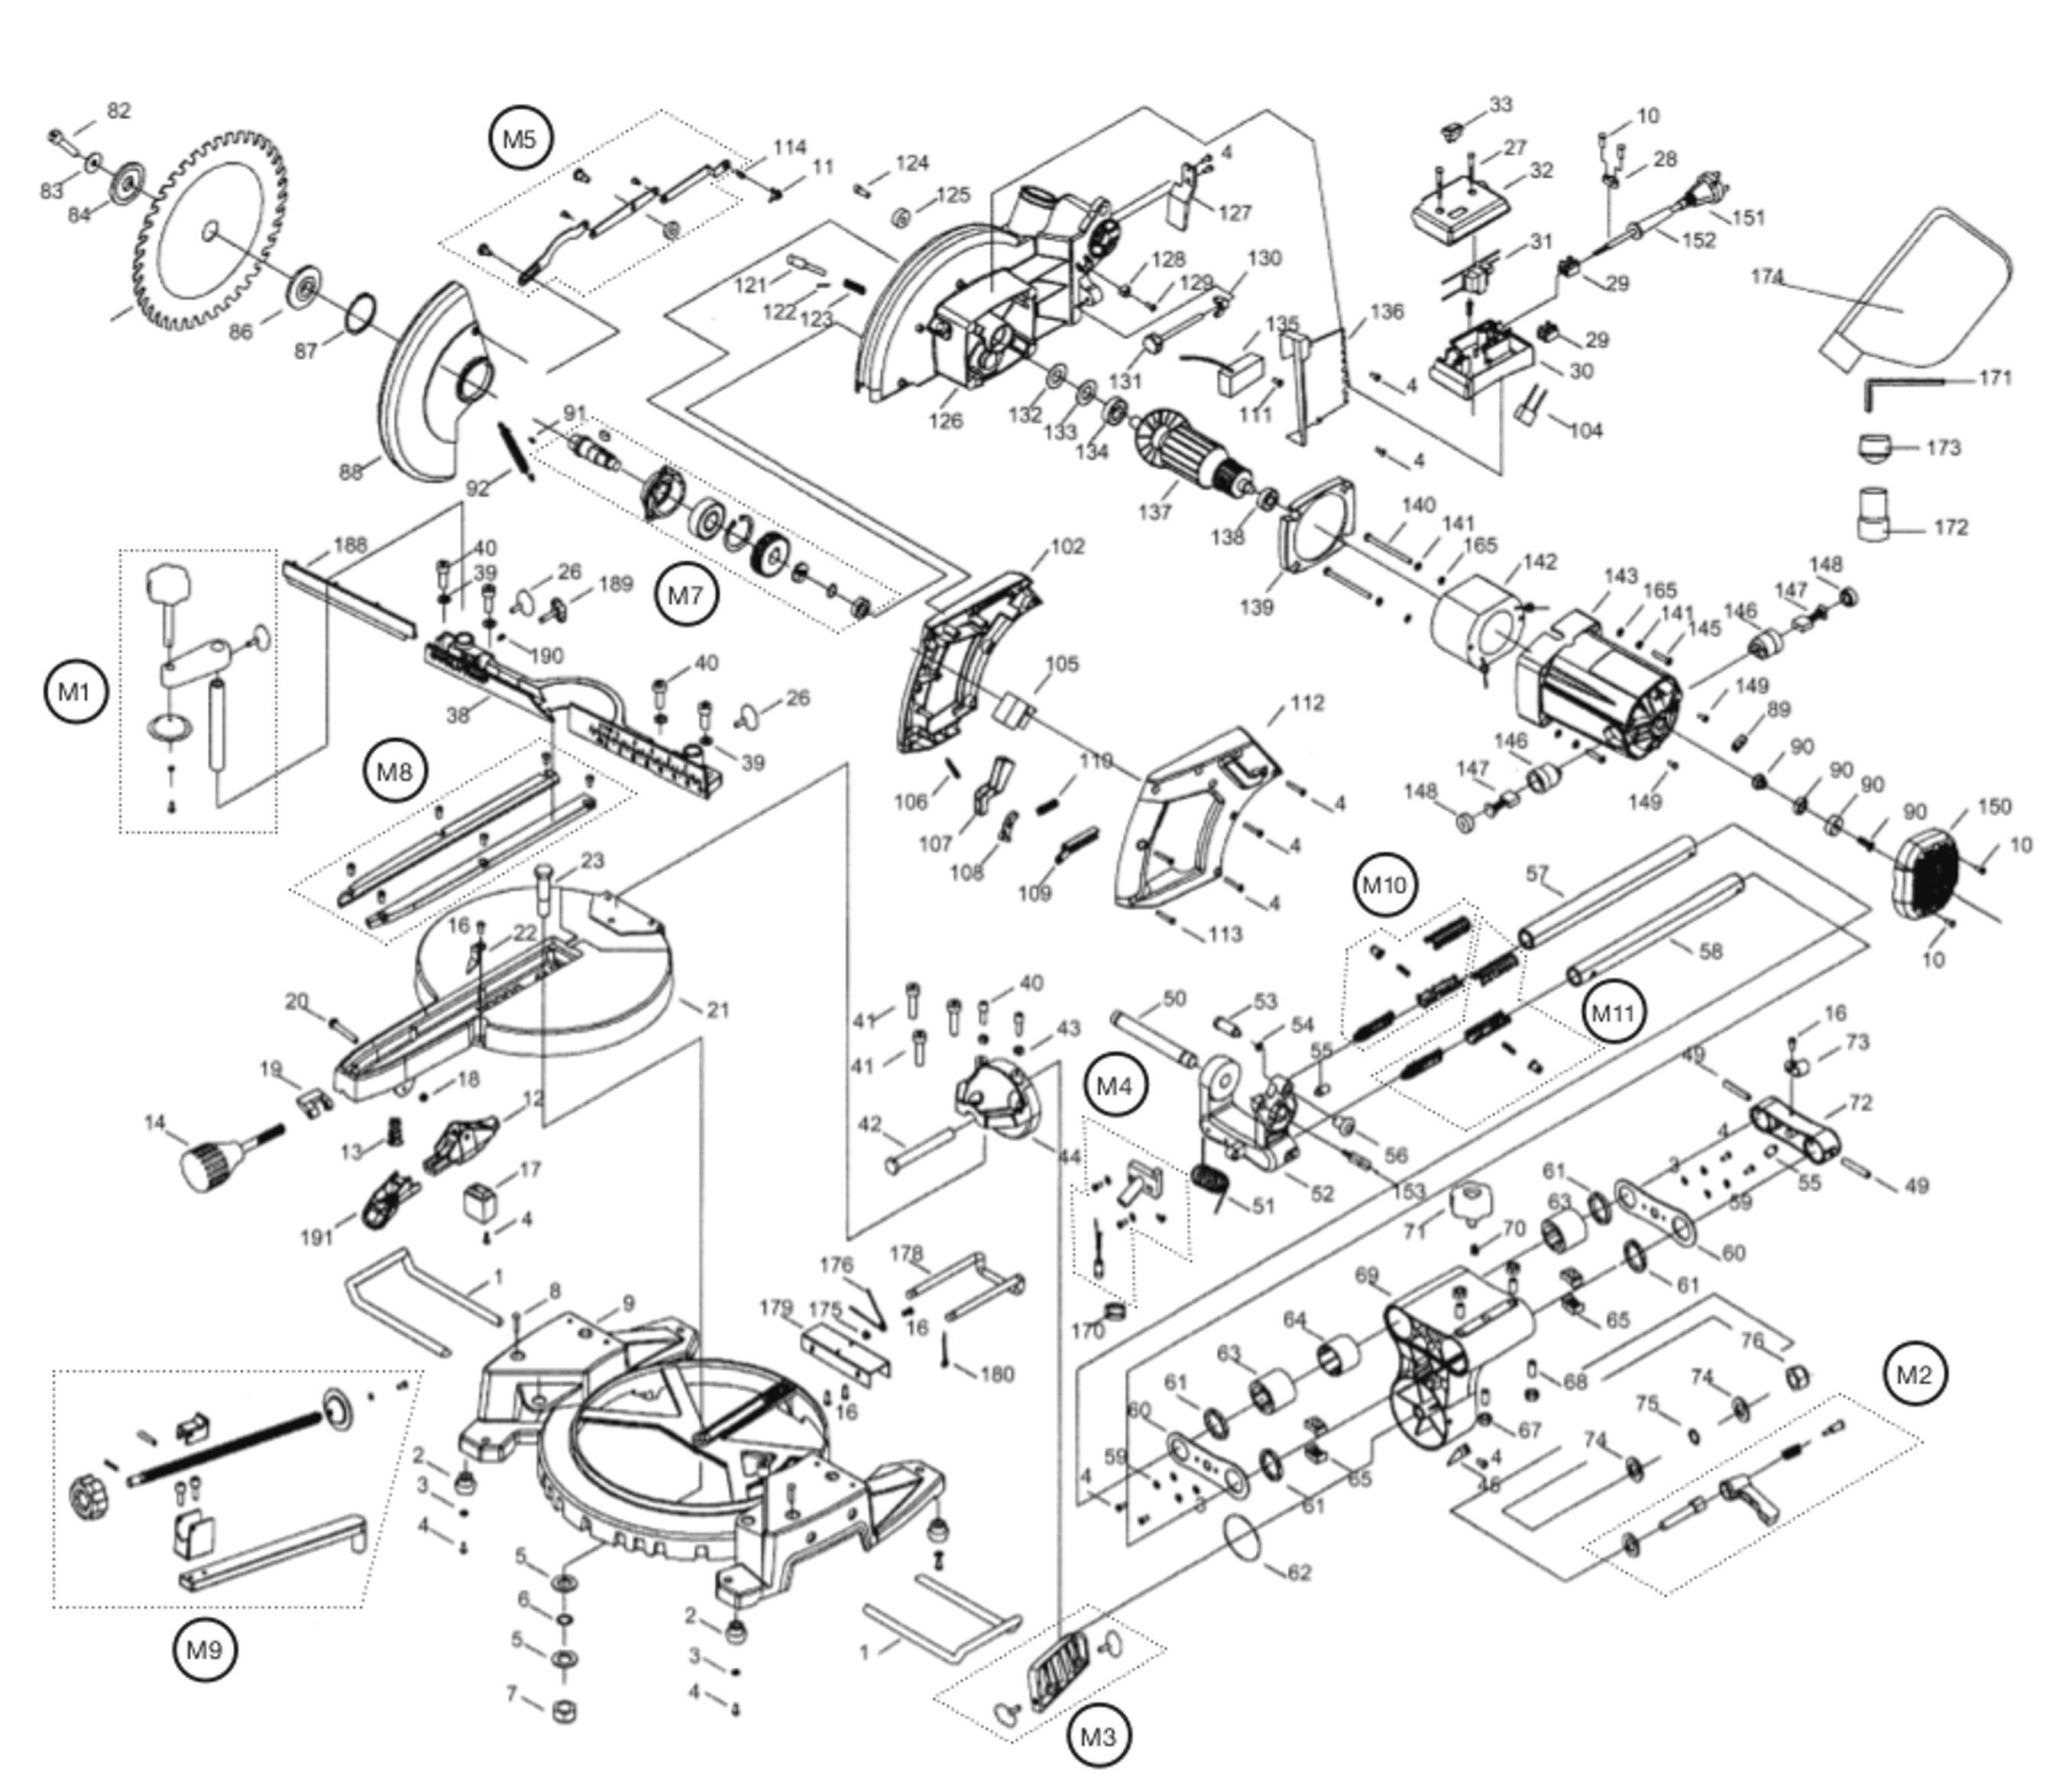 Spares for Evolution Rage3-s 230v 210mm Tct Multipurpose